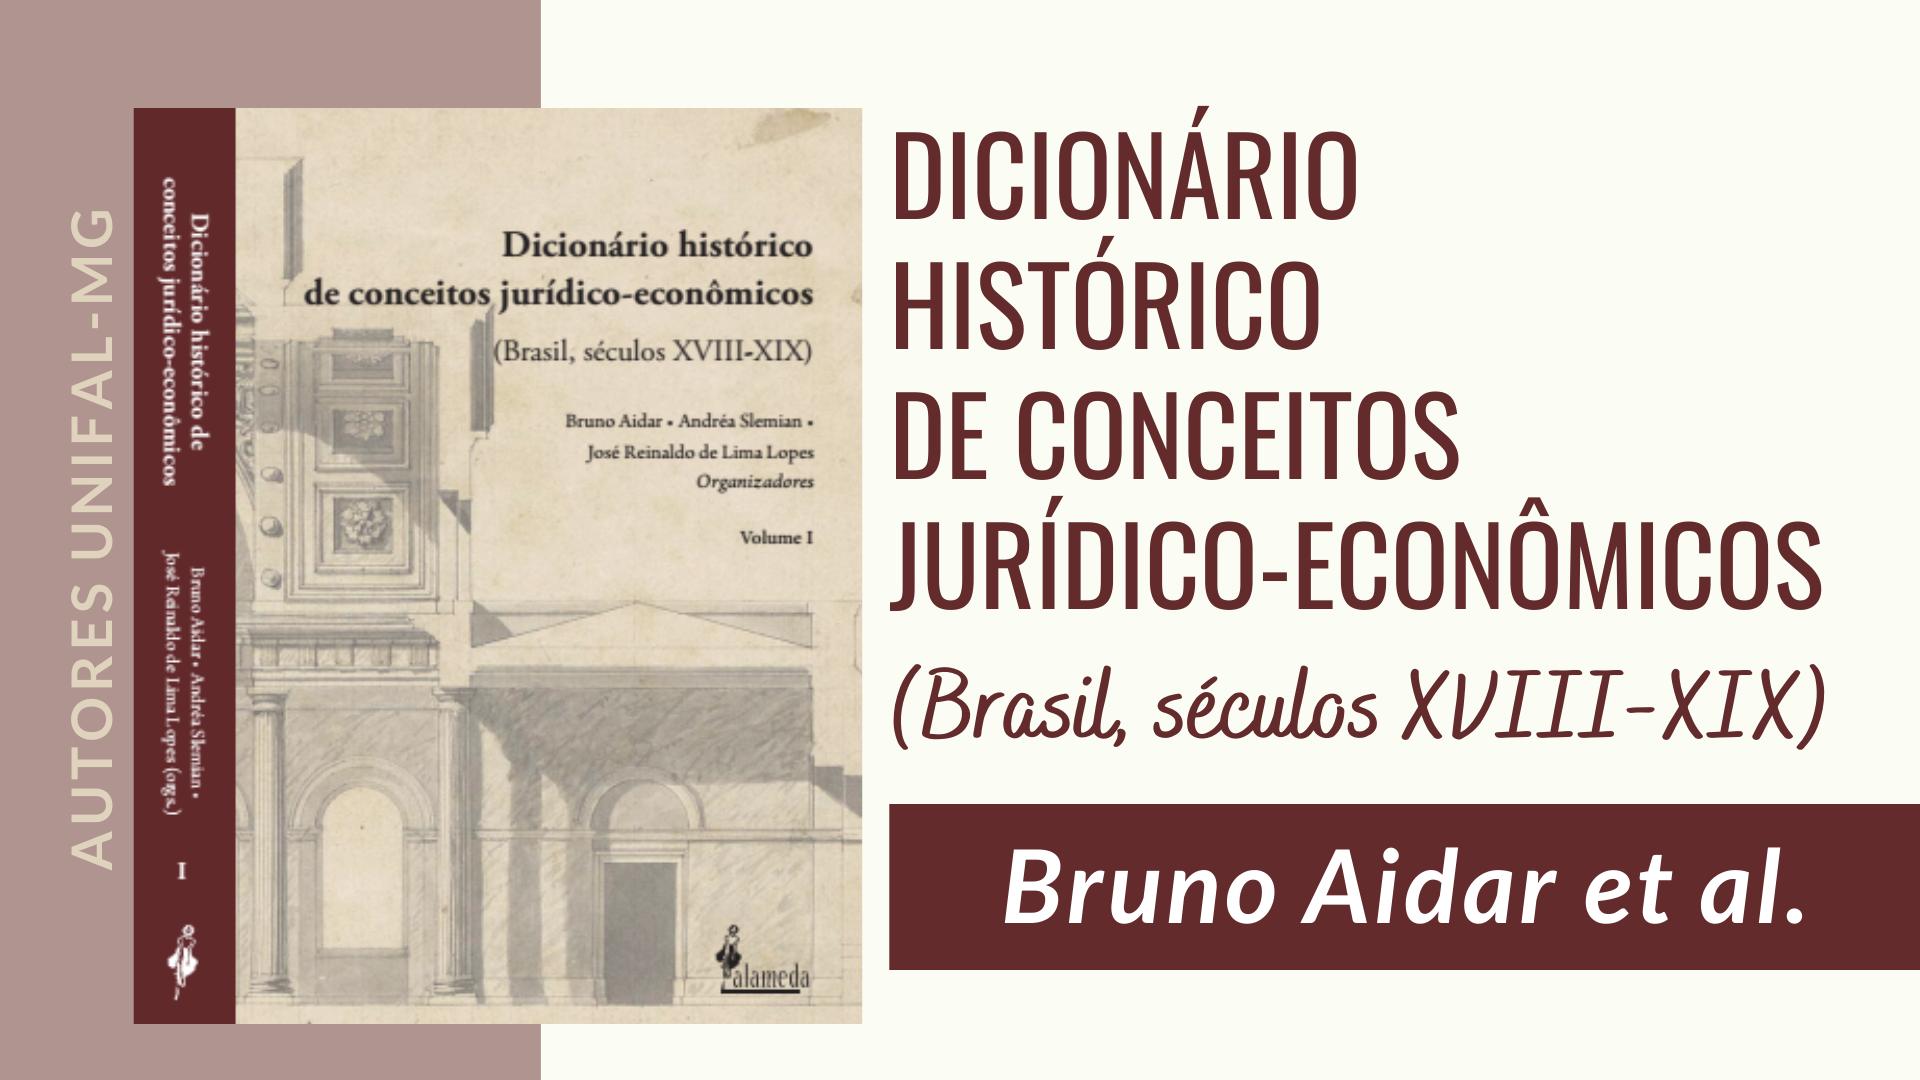 """""""Dicionário histórico de conceitos jurídico-econômicos: Brasil (séculos XVIII-XIX)"""" – Bruno Aidar et al."""